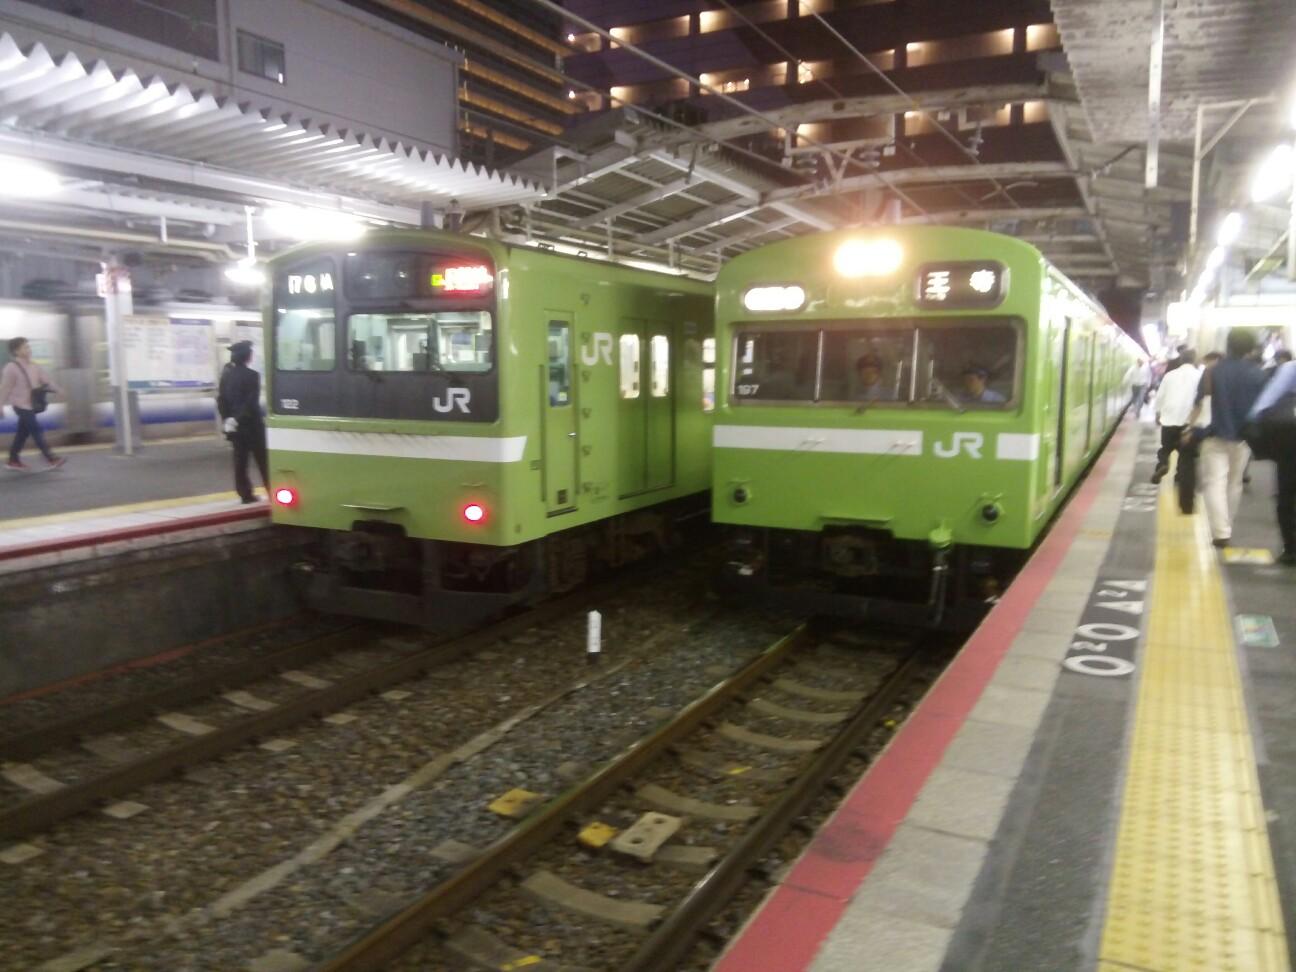 f:id:Osakaloopline:20171001002507j:image